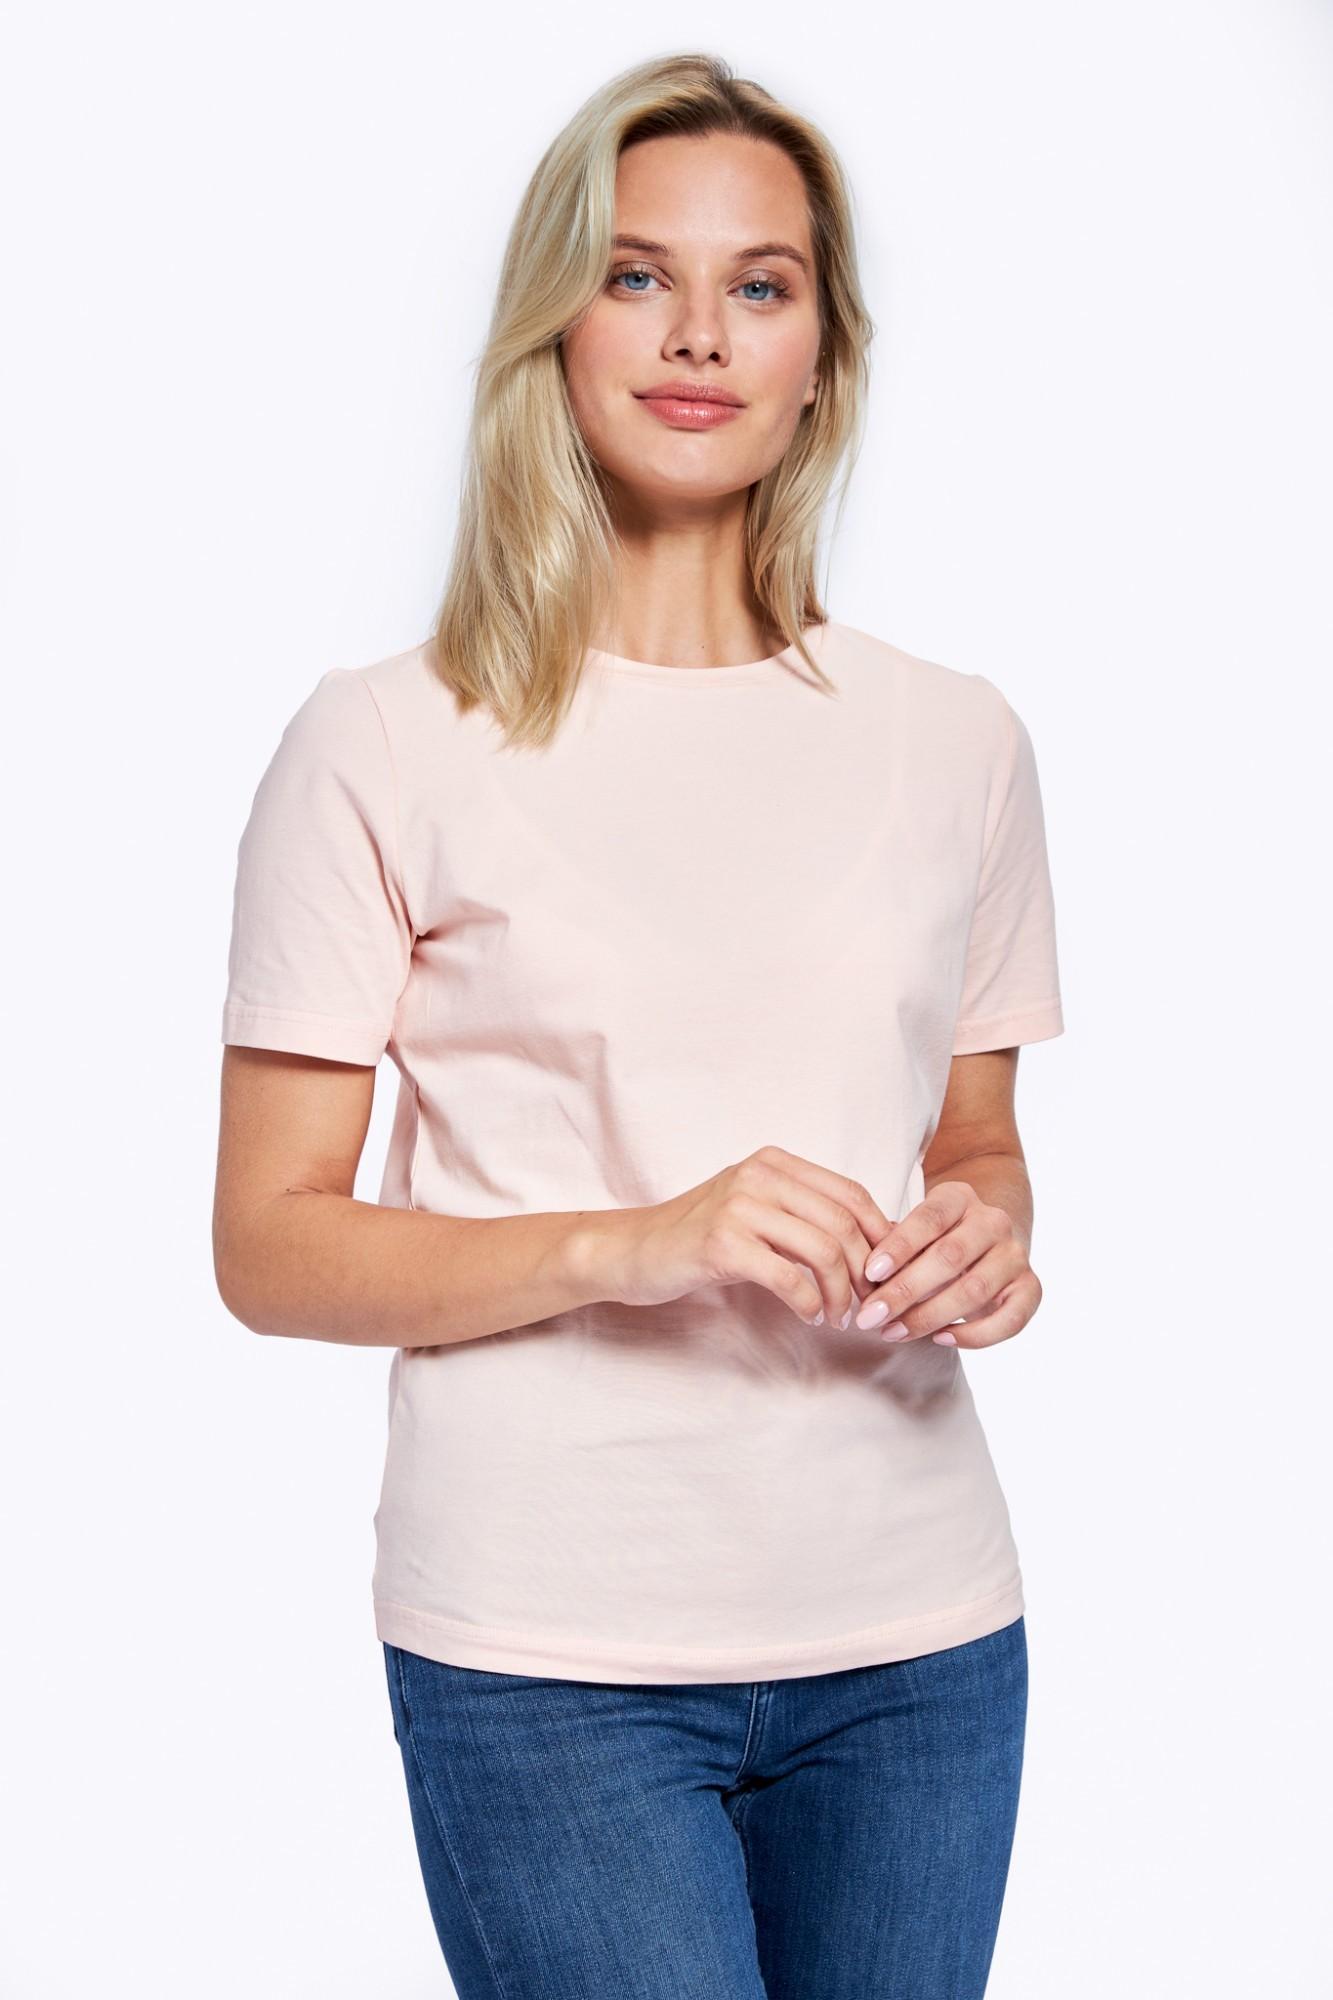 AUDIMAS Medvilniniai marškinėliai 2121-073 Peachy Keen S